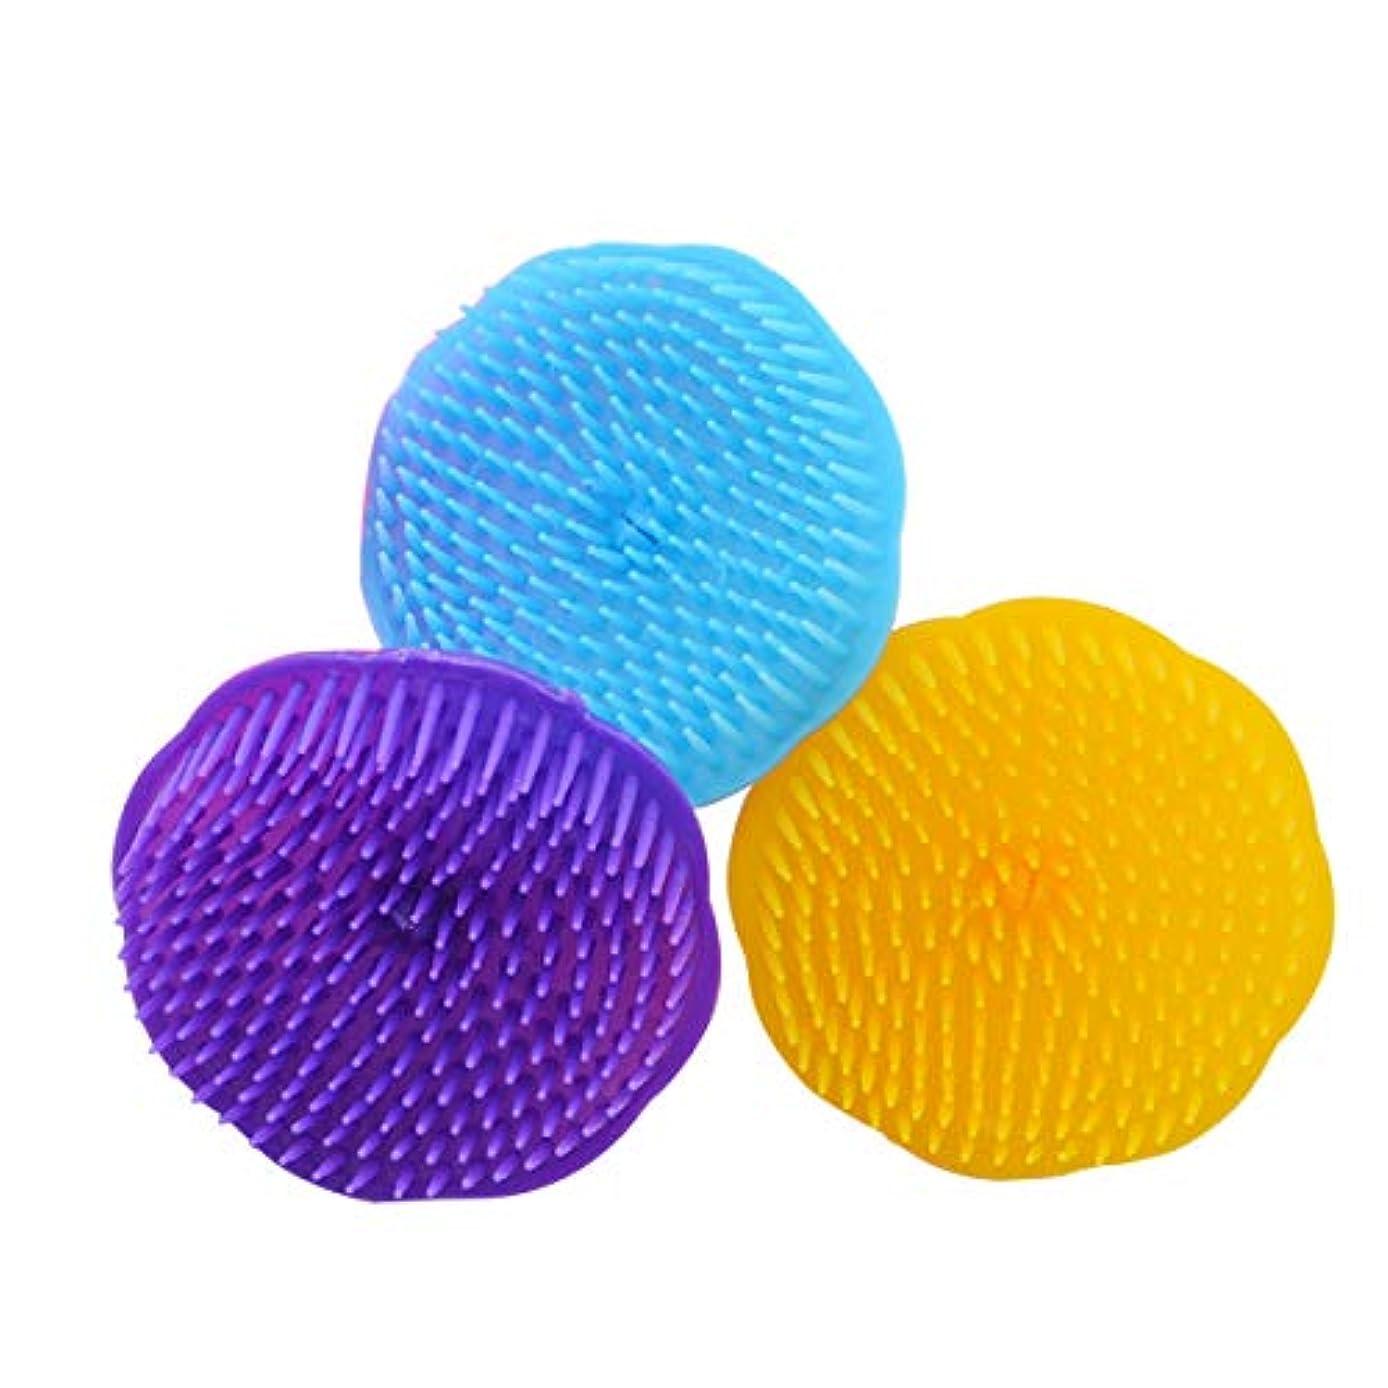 バン解く前部SUPVOX ヘアマッサージブラシ シャワーシャンプー頭皮ブラシヘッドボディマッサージスパスリミングブラシ3PCS(ランダムカラー)